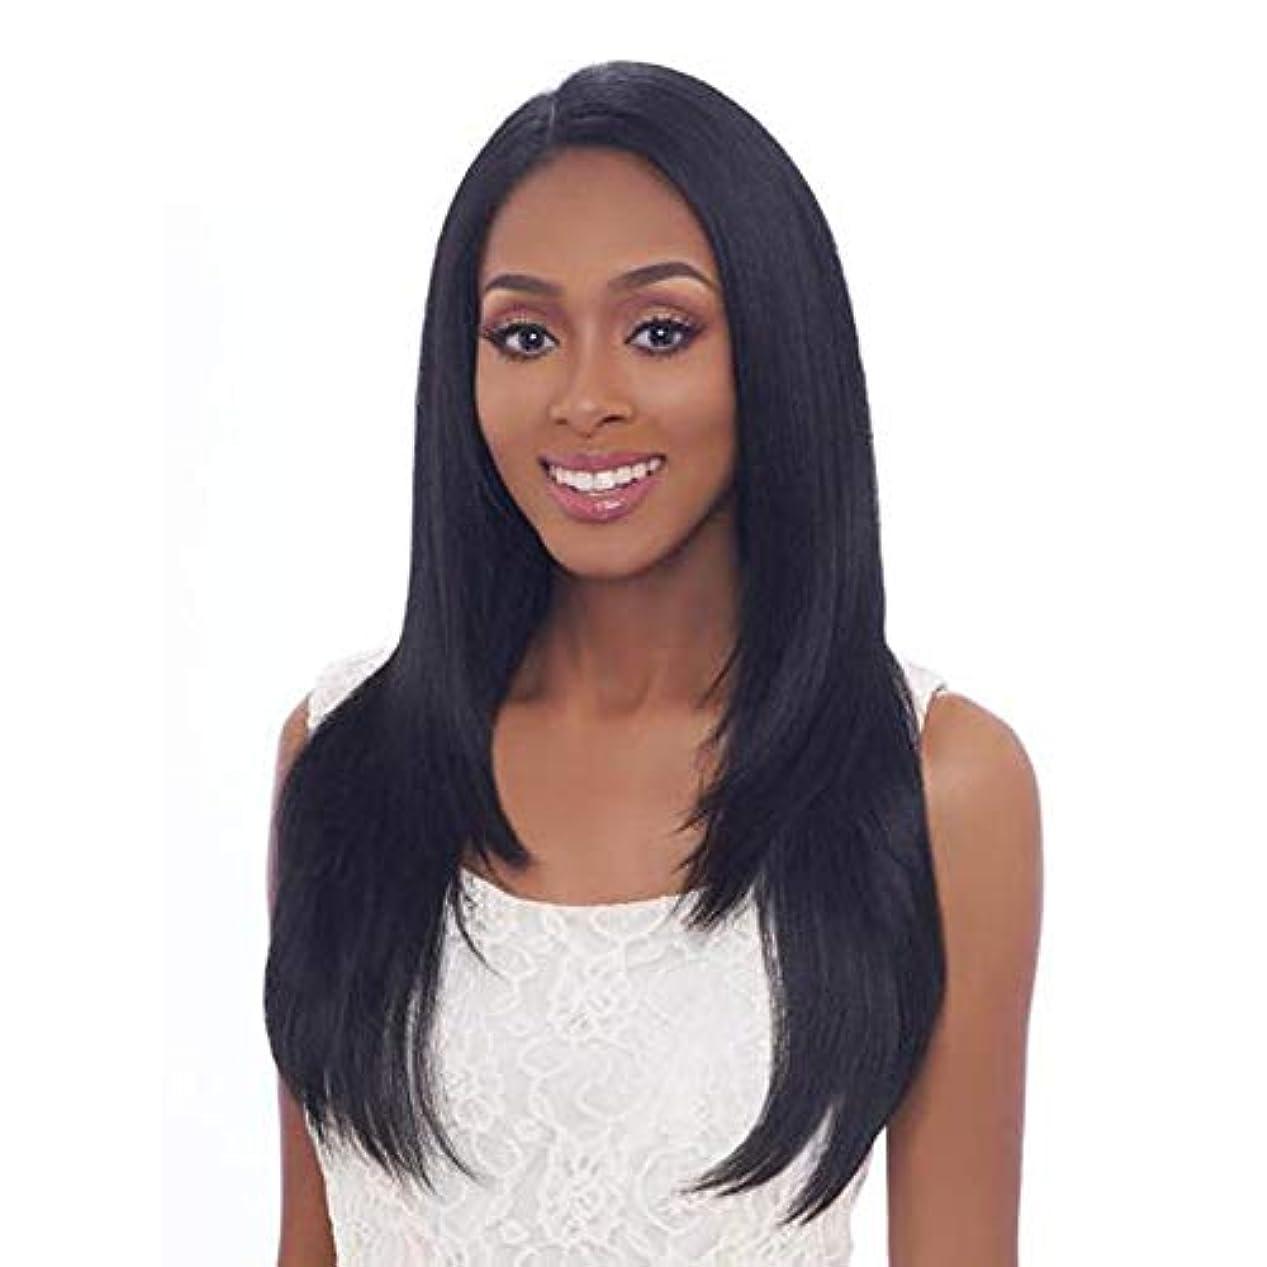 シソーラス学校の先生器官黒の長いストレートヘアウィッグファッションナチュラルウィッグ24インチ